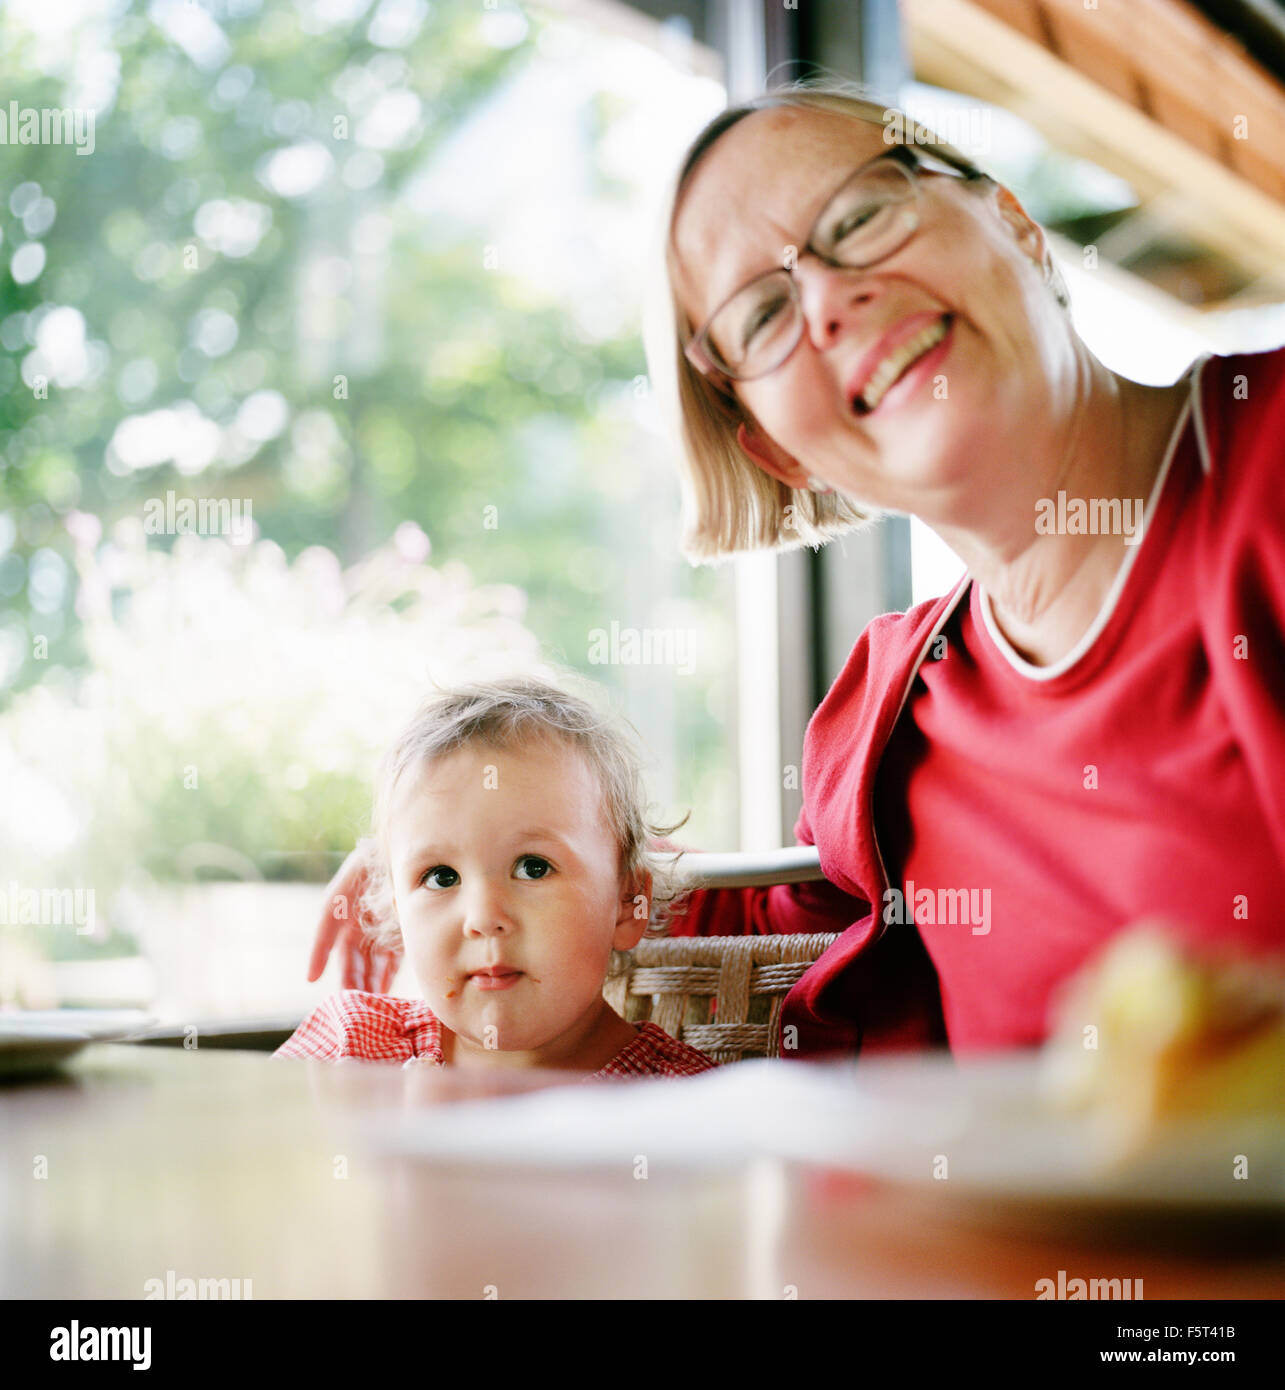 Finnland, Helsinki, Uusimaa, Porträt von Oma mit Enkelin (2-3) Stockbild